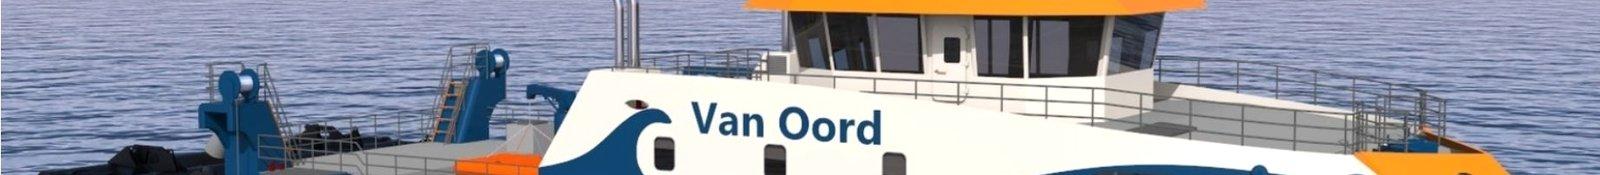 03-07-2019: Order hydraulische systemen 2 WID vaartuigen